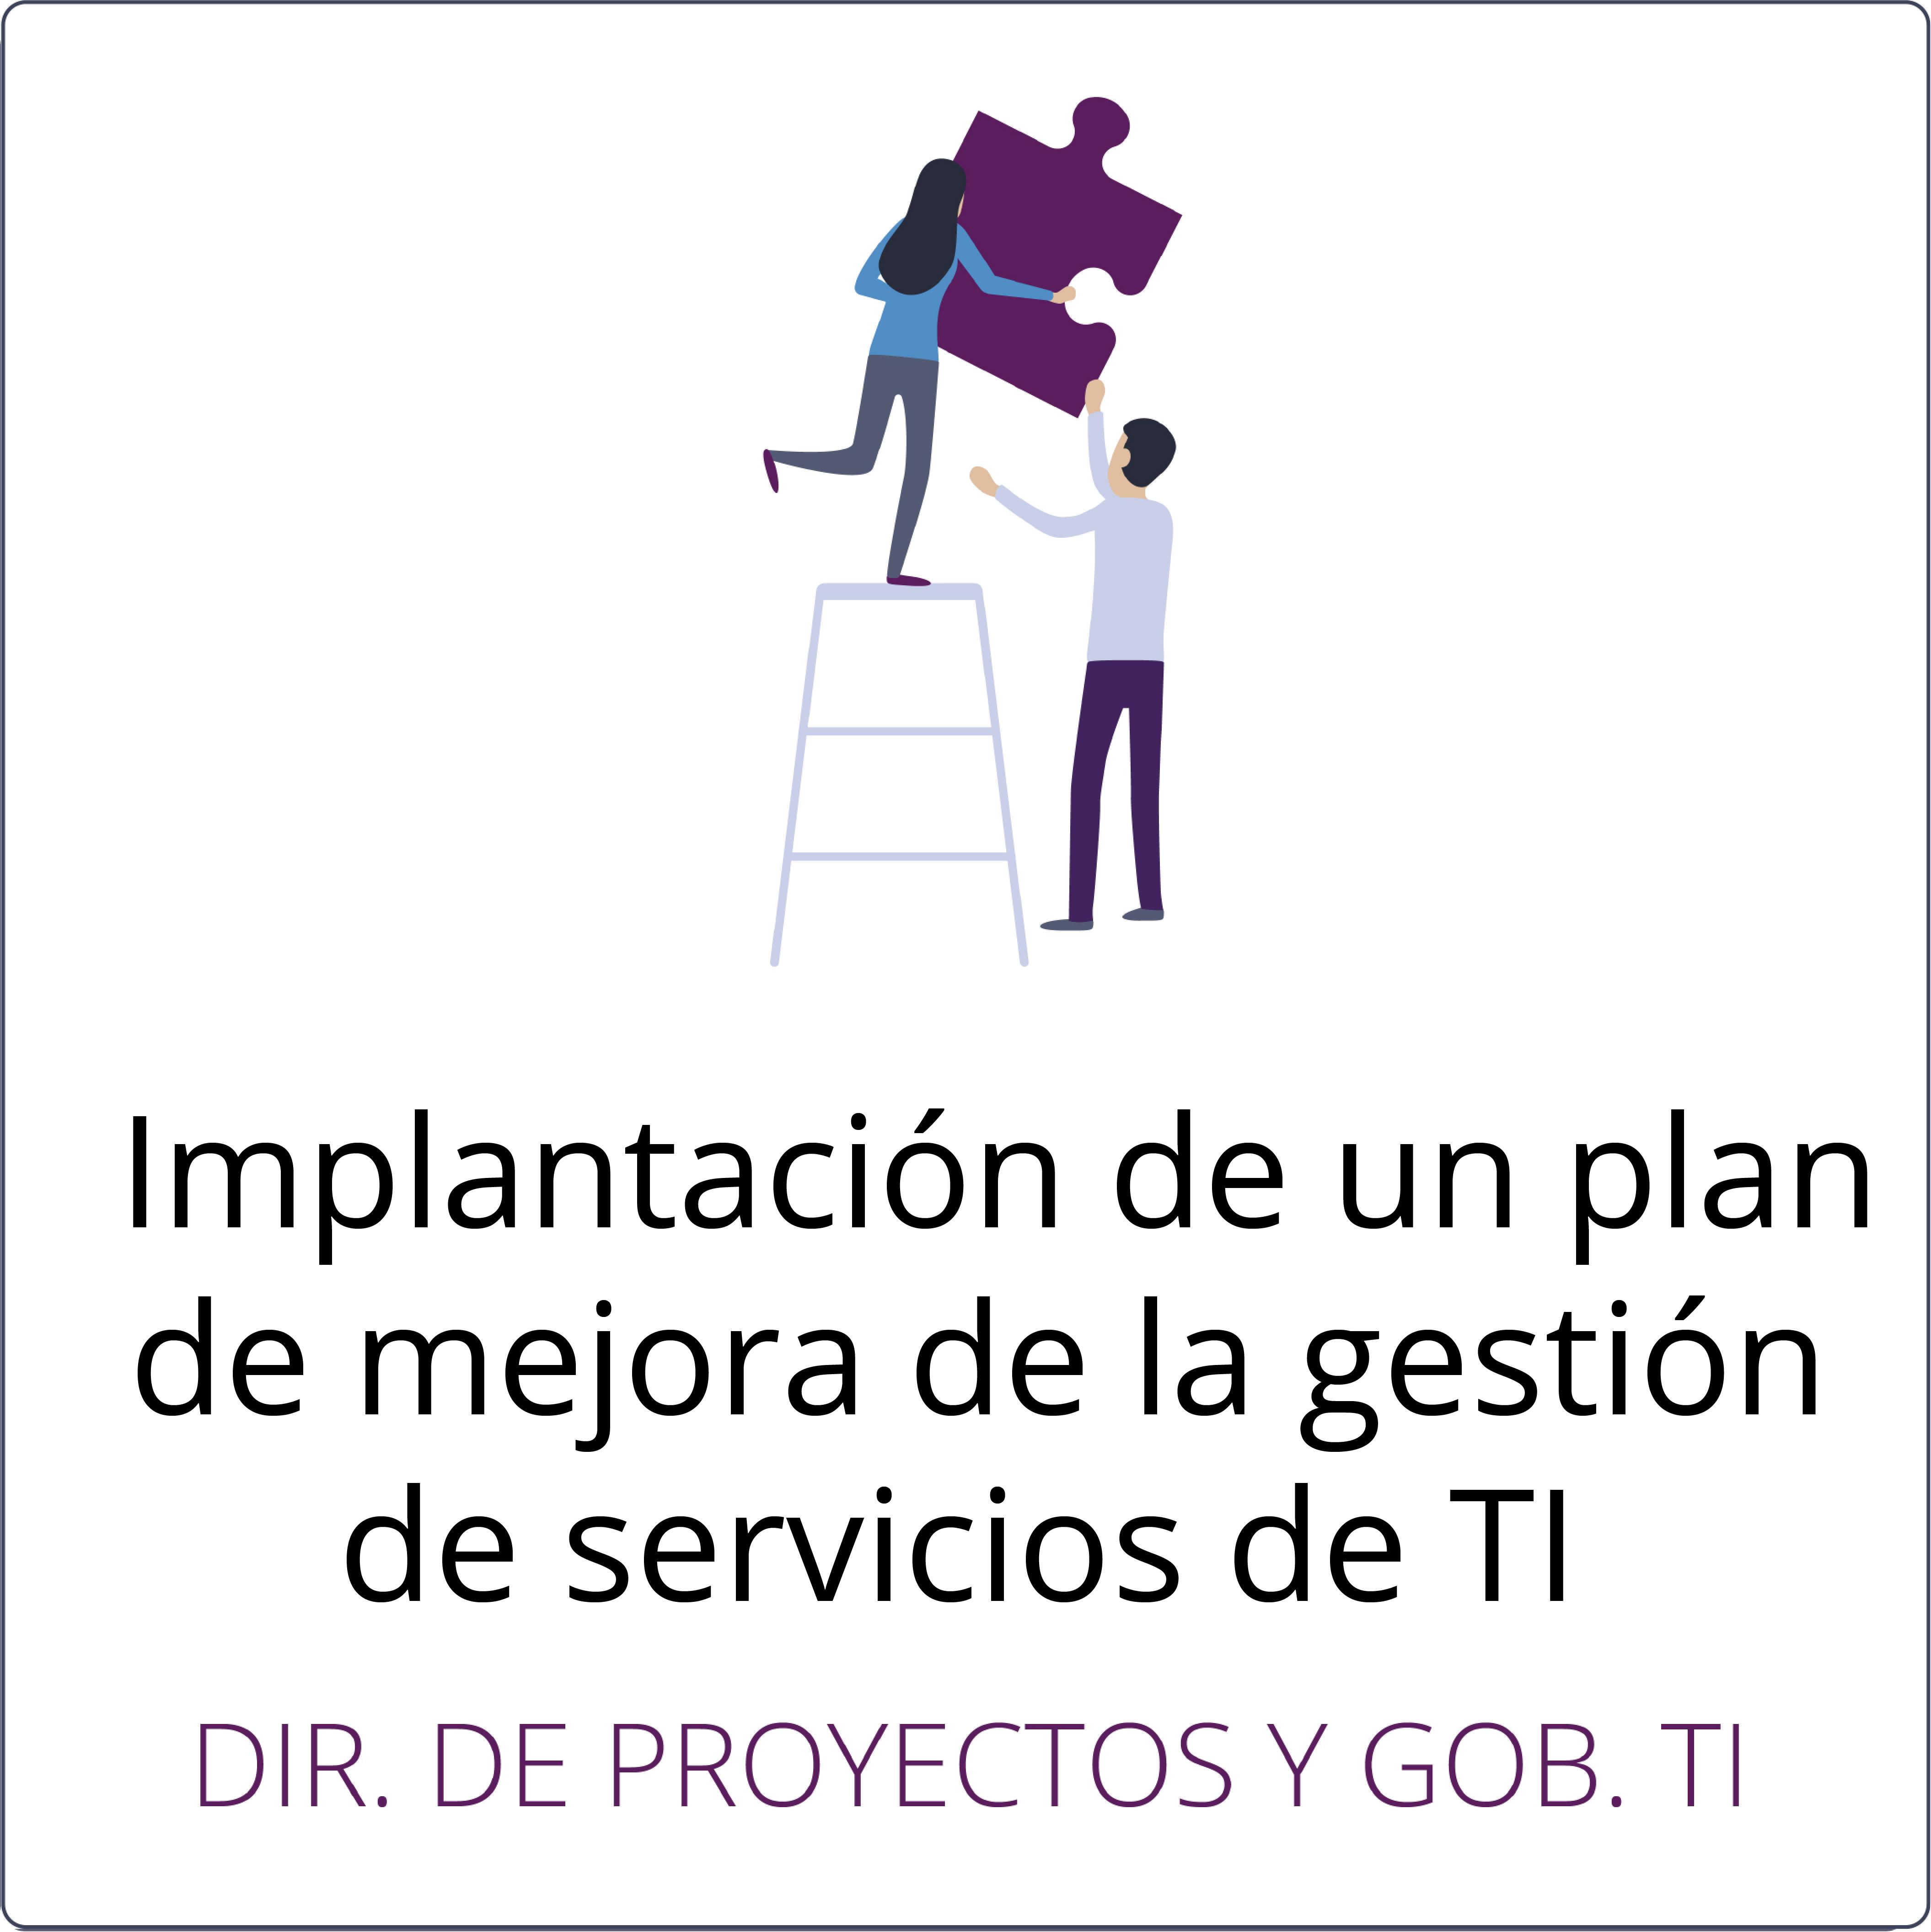 Implantación de un plan de mejora de la gestión de servicios de TI